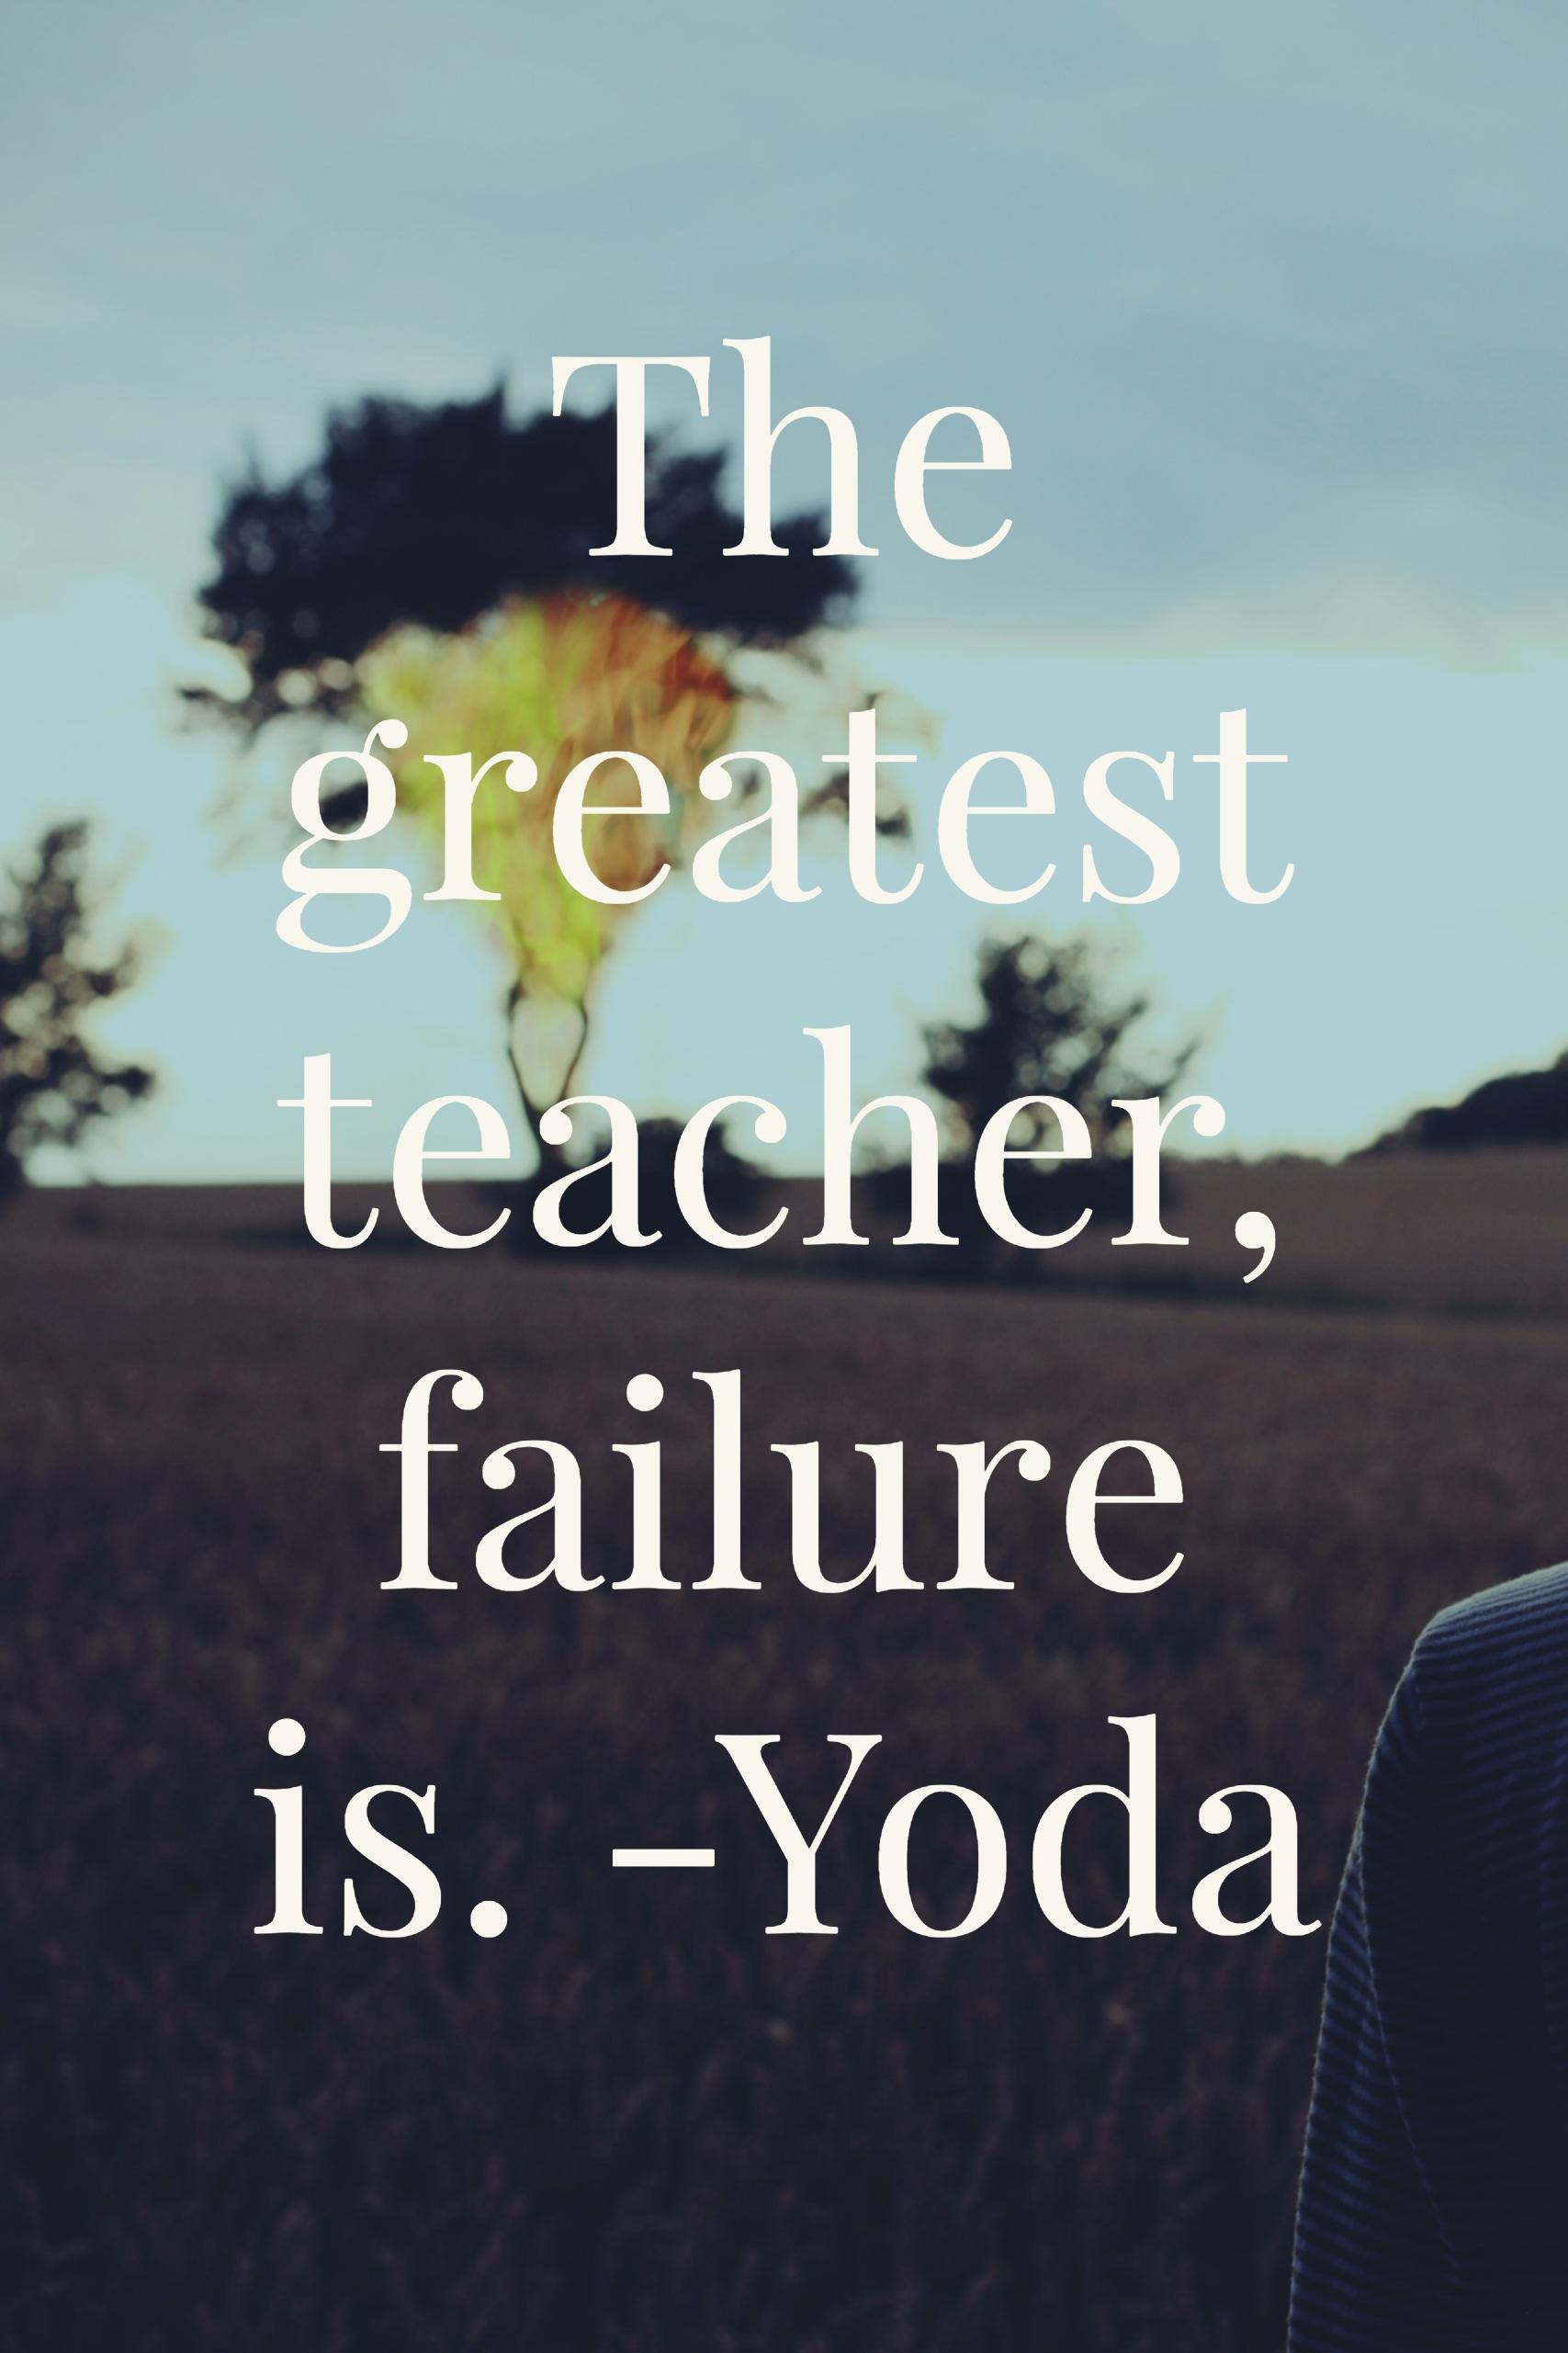 The greatest teacher, failure is.-yoda